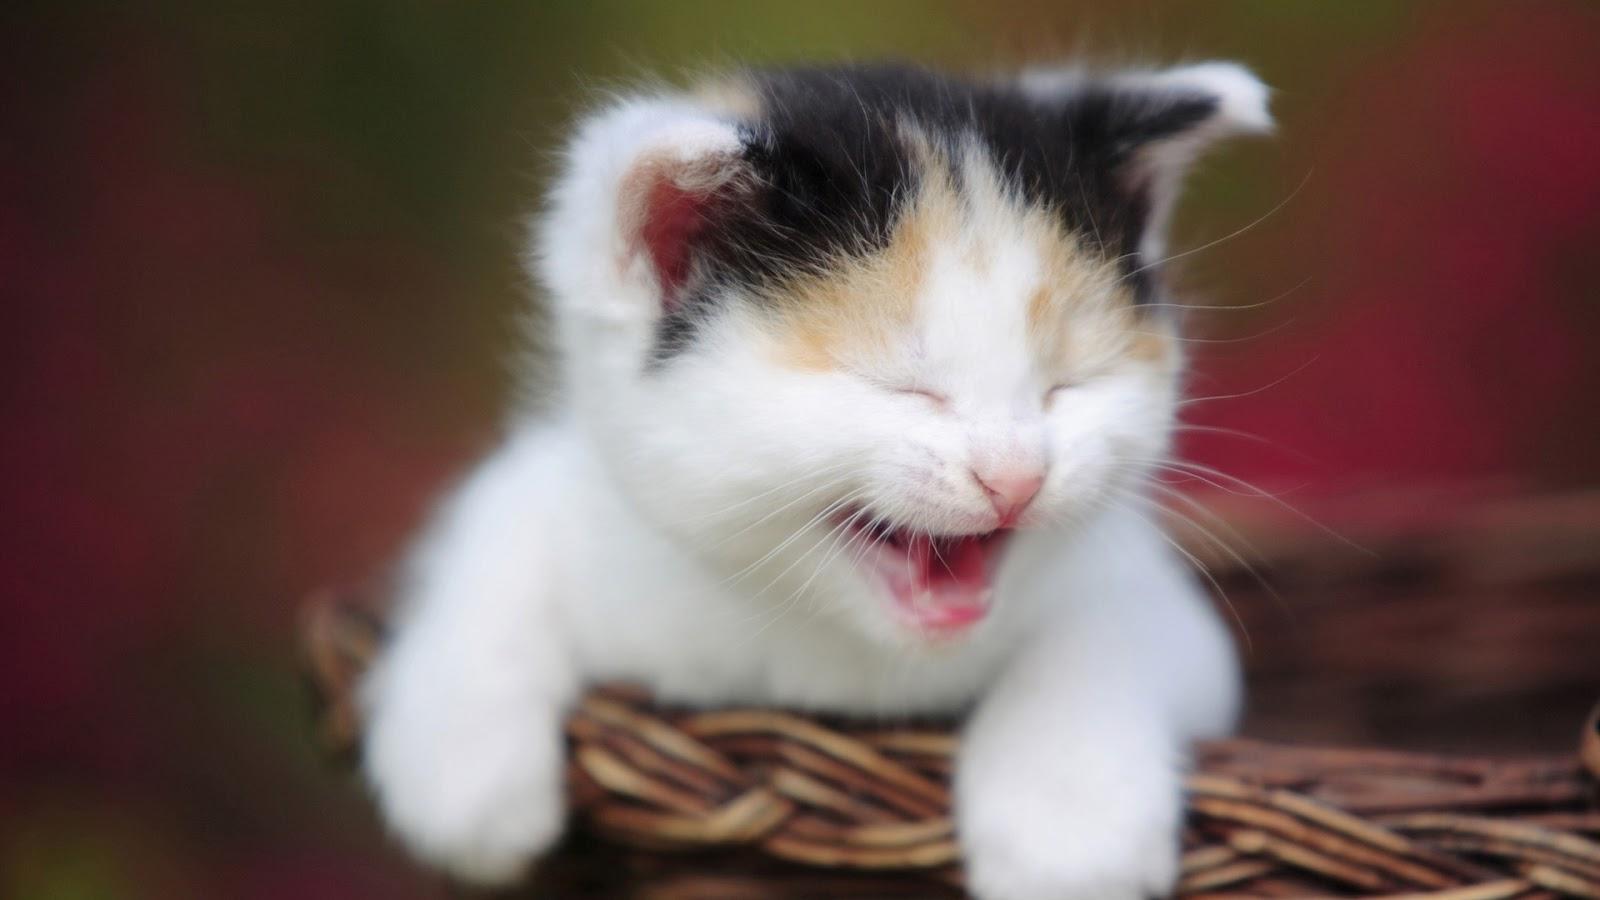 Desktop hd cute baby cat pics